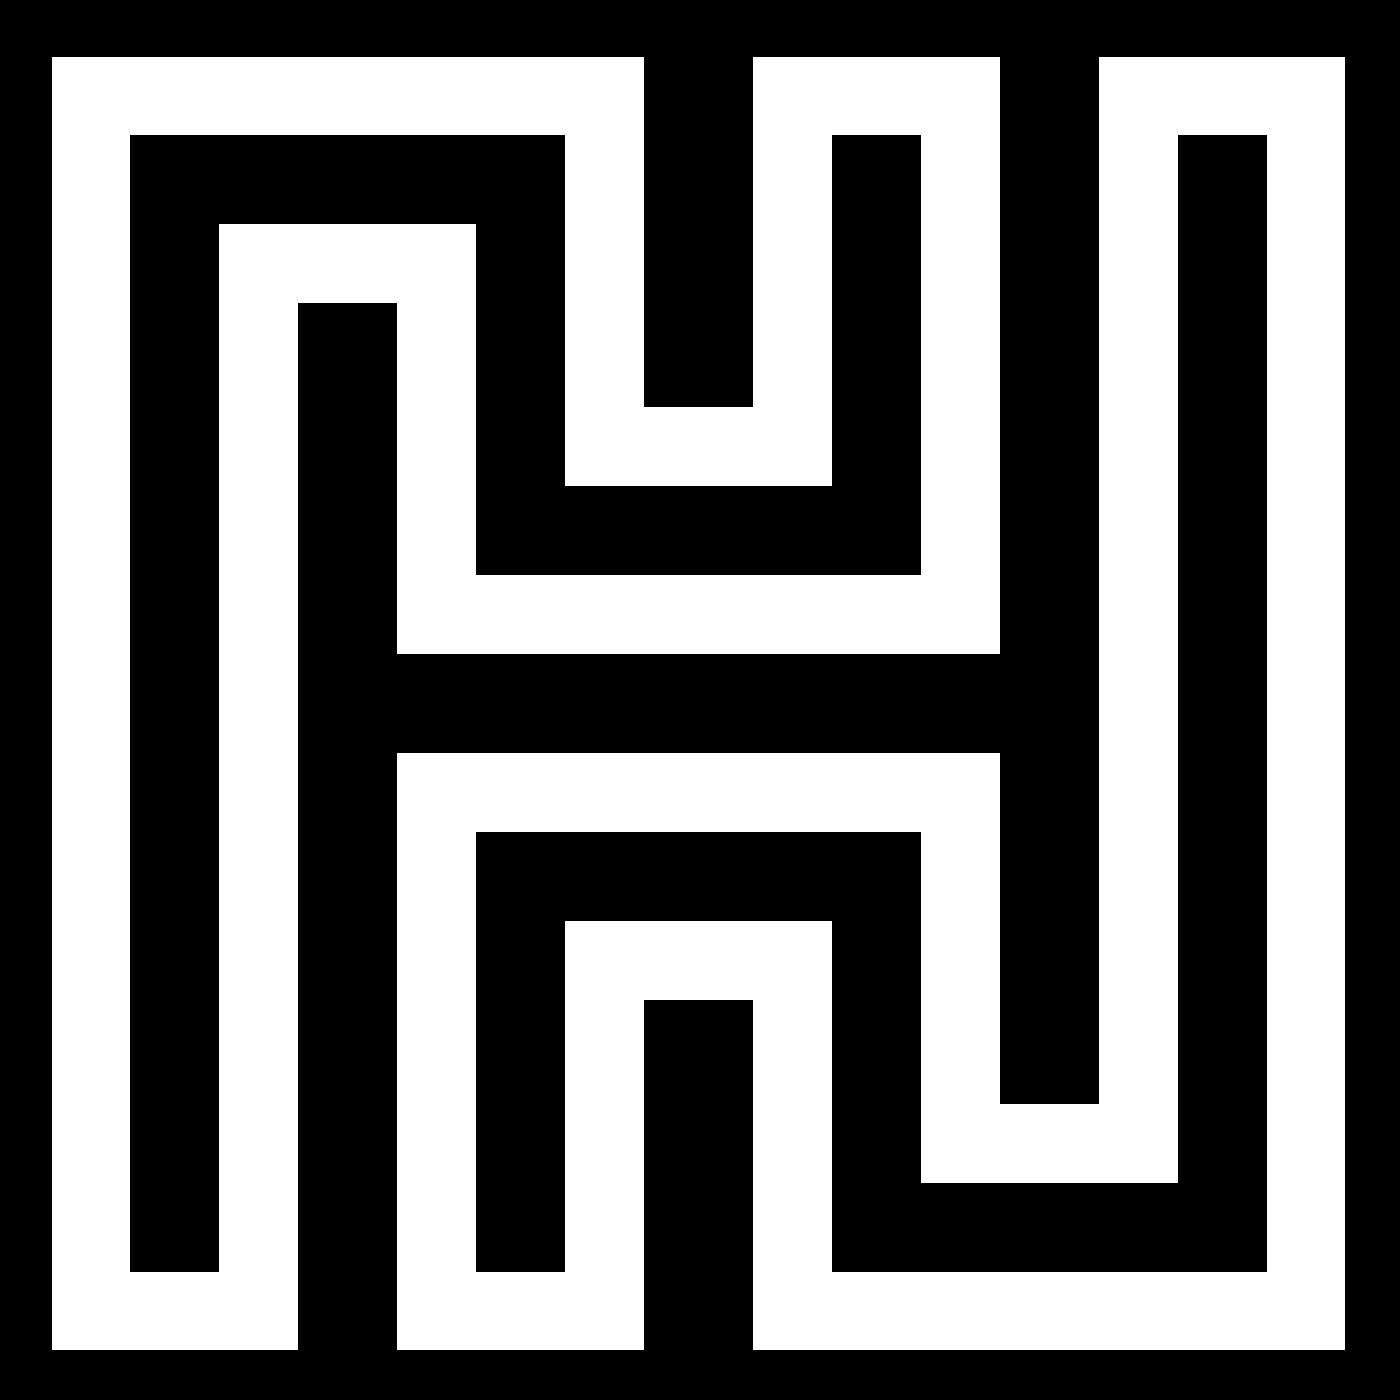 w_logo_4